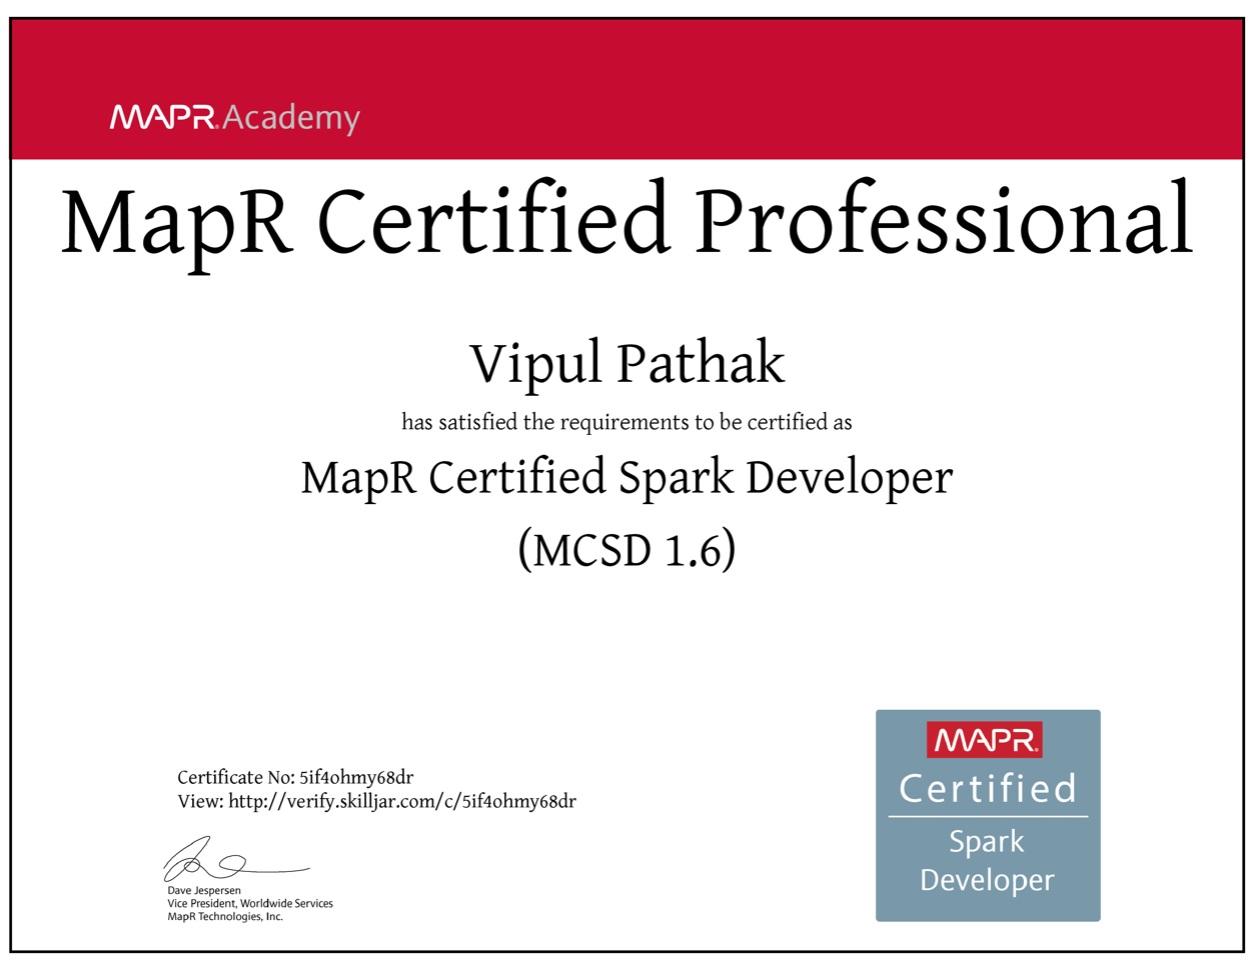 Mapr Certified Spark Developer Vipul Pathak